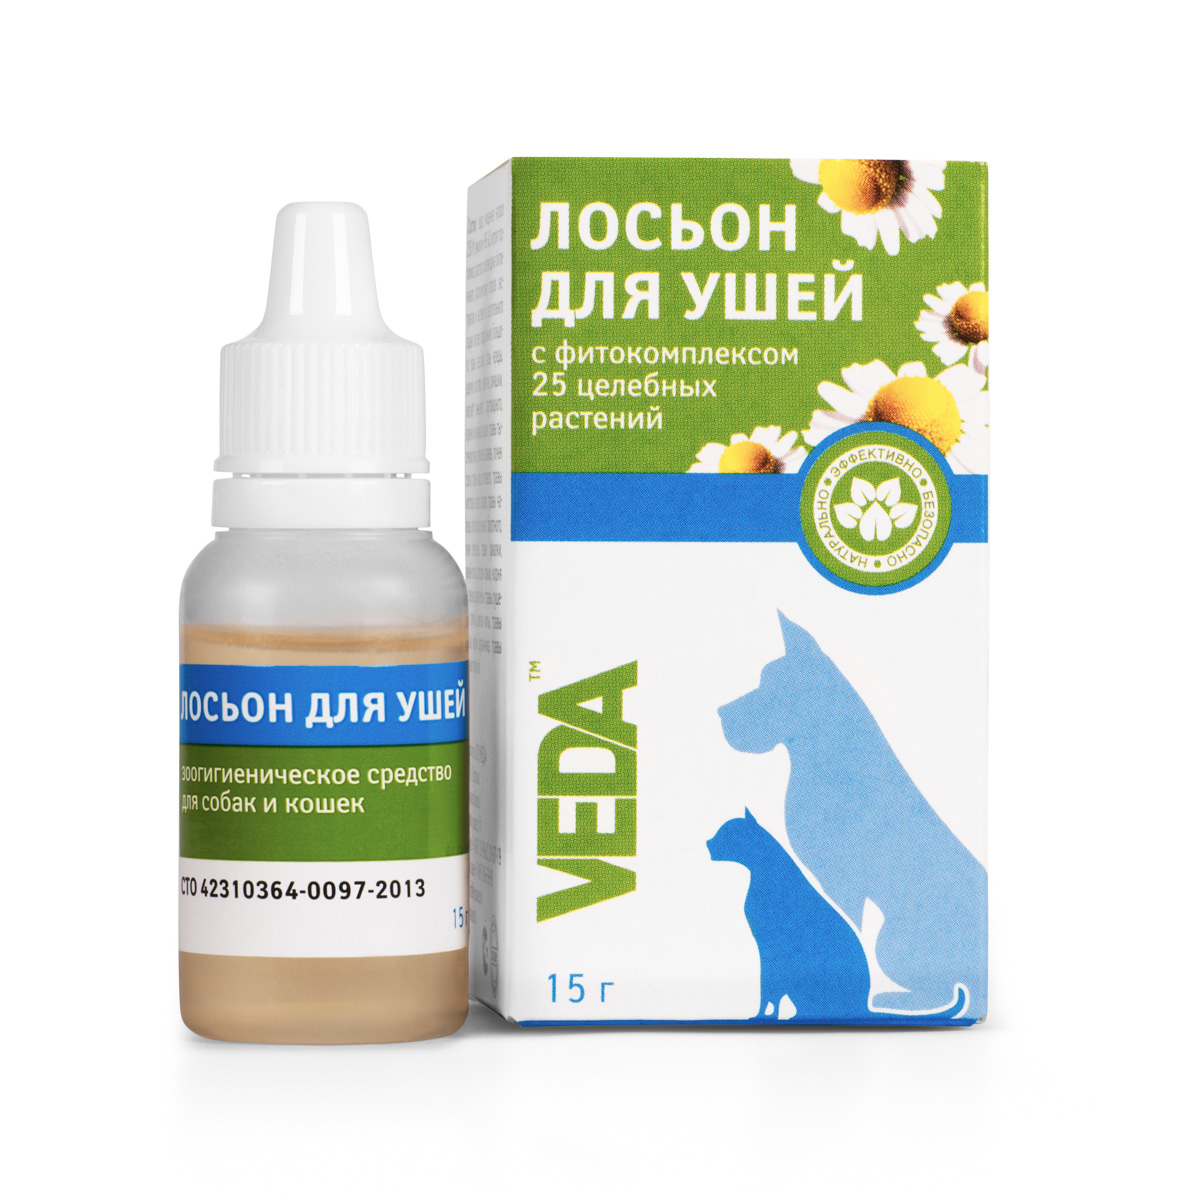 Лосьон для ушей VEDA Фитогигиена, для кошек и собак, 15 г0120710Лосьон для ушей VEDA Фитогигиена применяют для гигиенической обработки собак, кошек и других мелких домашних животных: мягкая очистка ушной раковины и удаление загрязнений из ушного канала. Регулярное использование средства способствует предотвращению проблем с ушами, благодаря биоактивным компонентам фитокомплекса из 25 целебных растений, обладающих антисептическими, противовоспалительными и заживляющими свойствами.Состав: вода очищенная, фитокомплекс: цветков ромашки, листьев подорожника большого, соплодий ольхи, травы череды, травы зверобоя, травы тысячелистника, травы чабреца, корней одуванчика, почек березовых, травы эхинацеи пурпурной, листьев шалфея, побегов багульника болотного, цветков ноготков, листьев эвкалипта прутовидного, корней и корневищ солодки, листьев крапивы, почек сосны, травы хвоща полевого, травы чистотела, травы фиалки, корней лопуха, корня и корневищ кровохлебки, травы сушеницы топяной, травы душицы, цветков липы; гидроксиэтилцеллюлоза, эмульгин HRE 40, консервант.Товар сертифицирован.